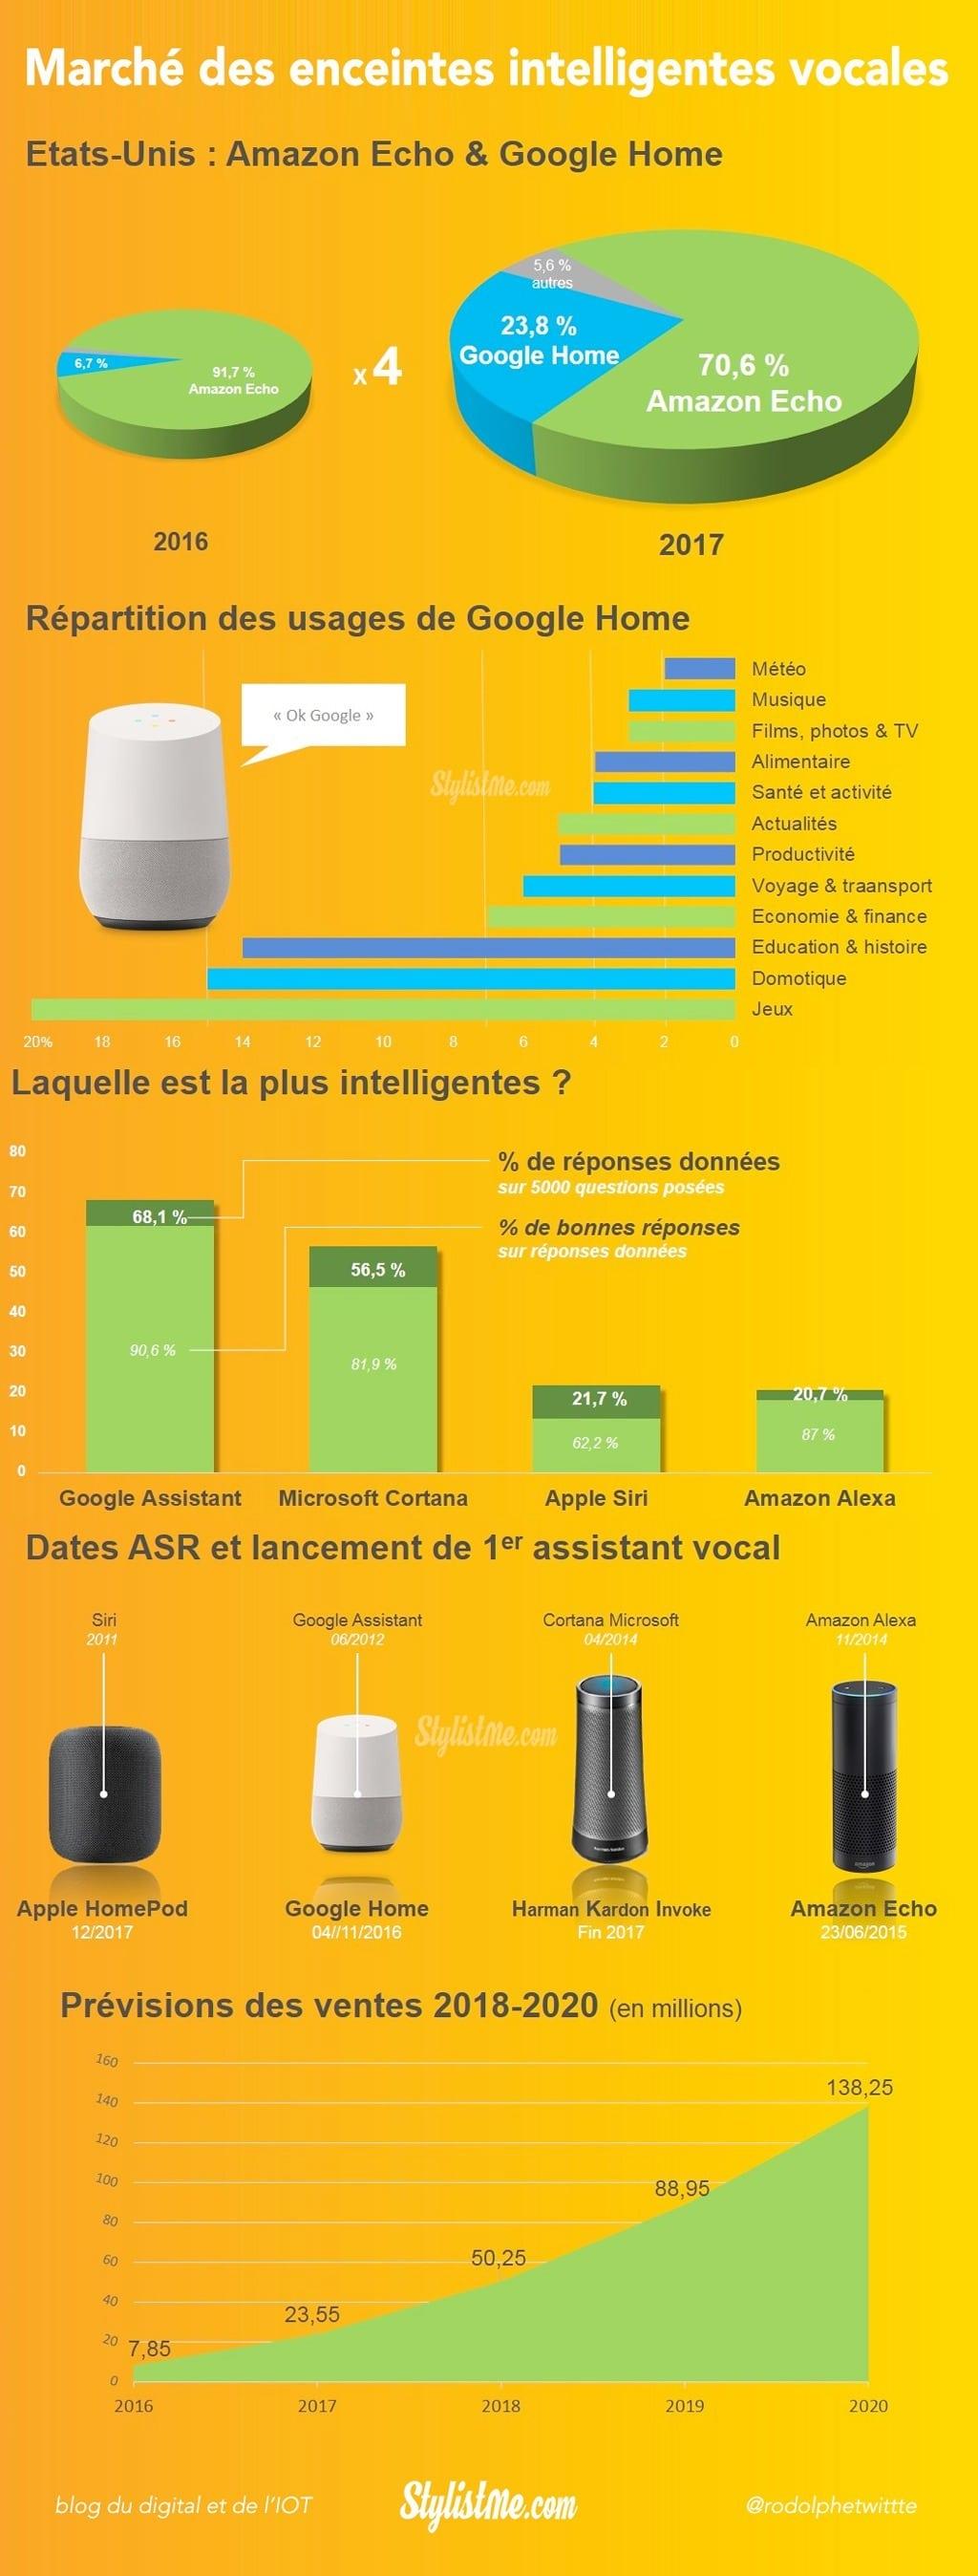 Infographie marché enceinte intelligente vocale-2017-2020